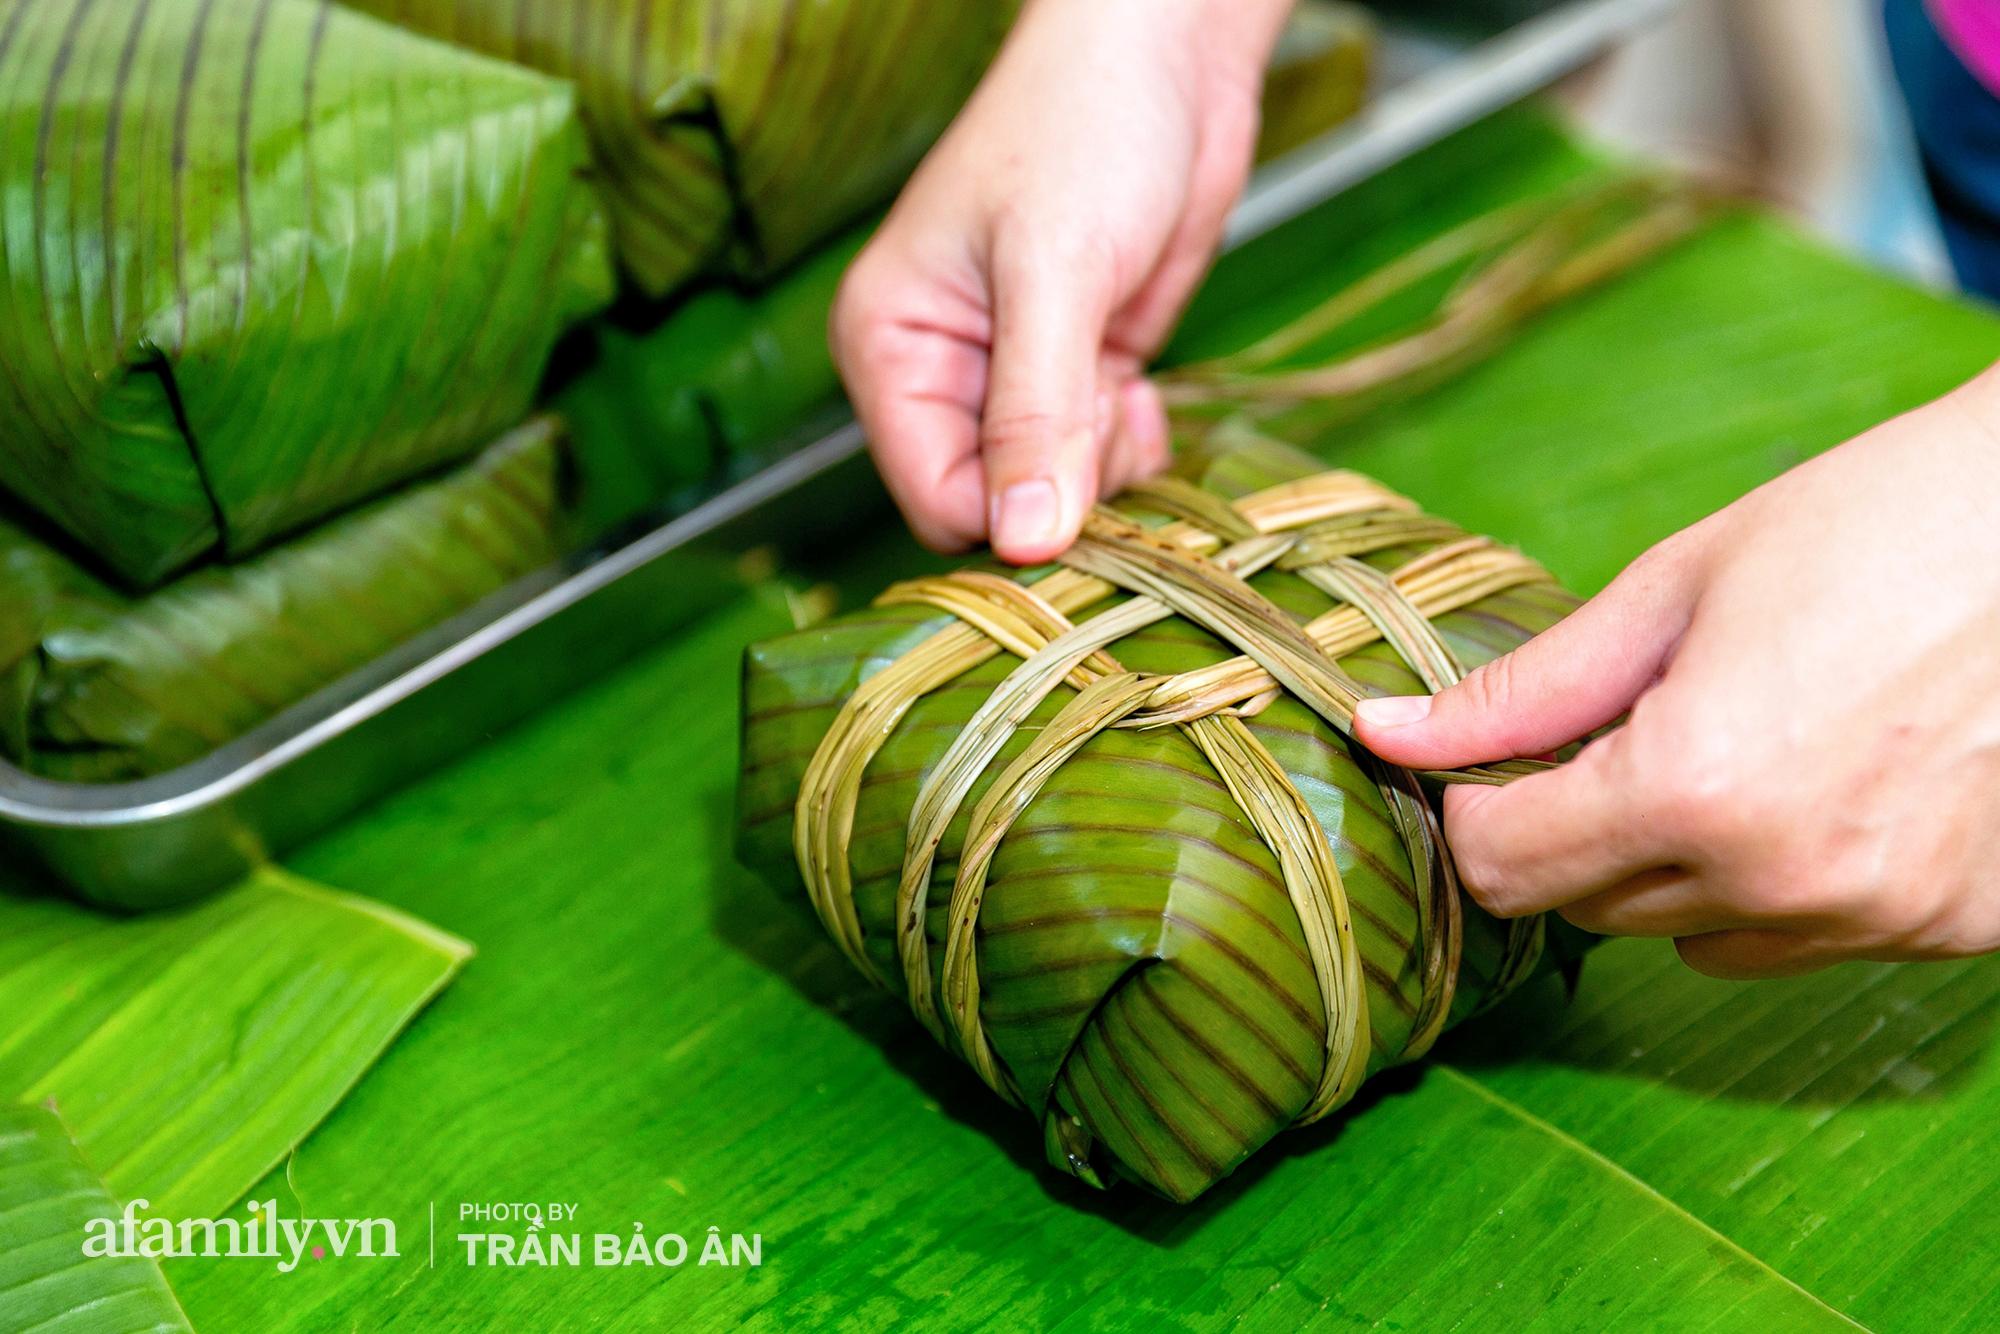 Tết Đoan Ngọ tại lò bánh Bá Trạng lâu đời nhất Sài Gòn, một cặp bánh có giá lên tới 1 triệu đồng với bào ngư, heo quay, sò điệp mà một năm chỉ được ăn duy nhất 1 lần! - Ảnh 11.